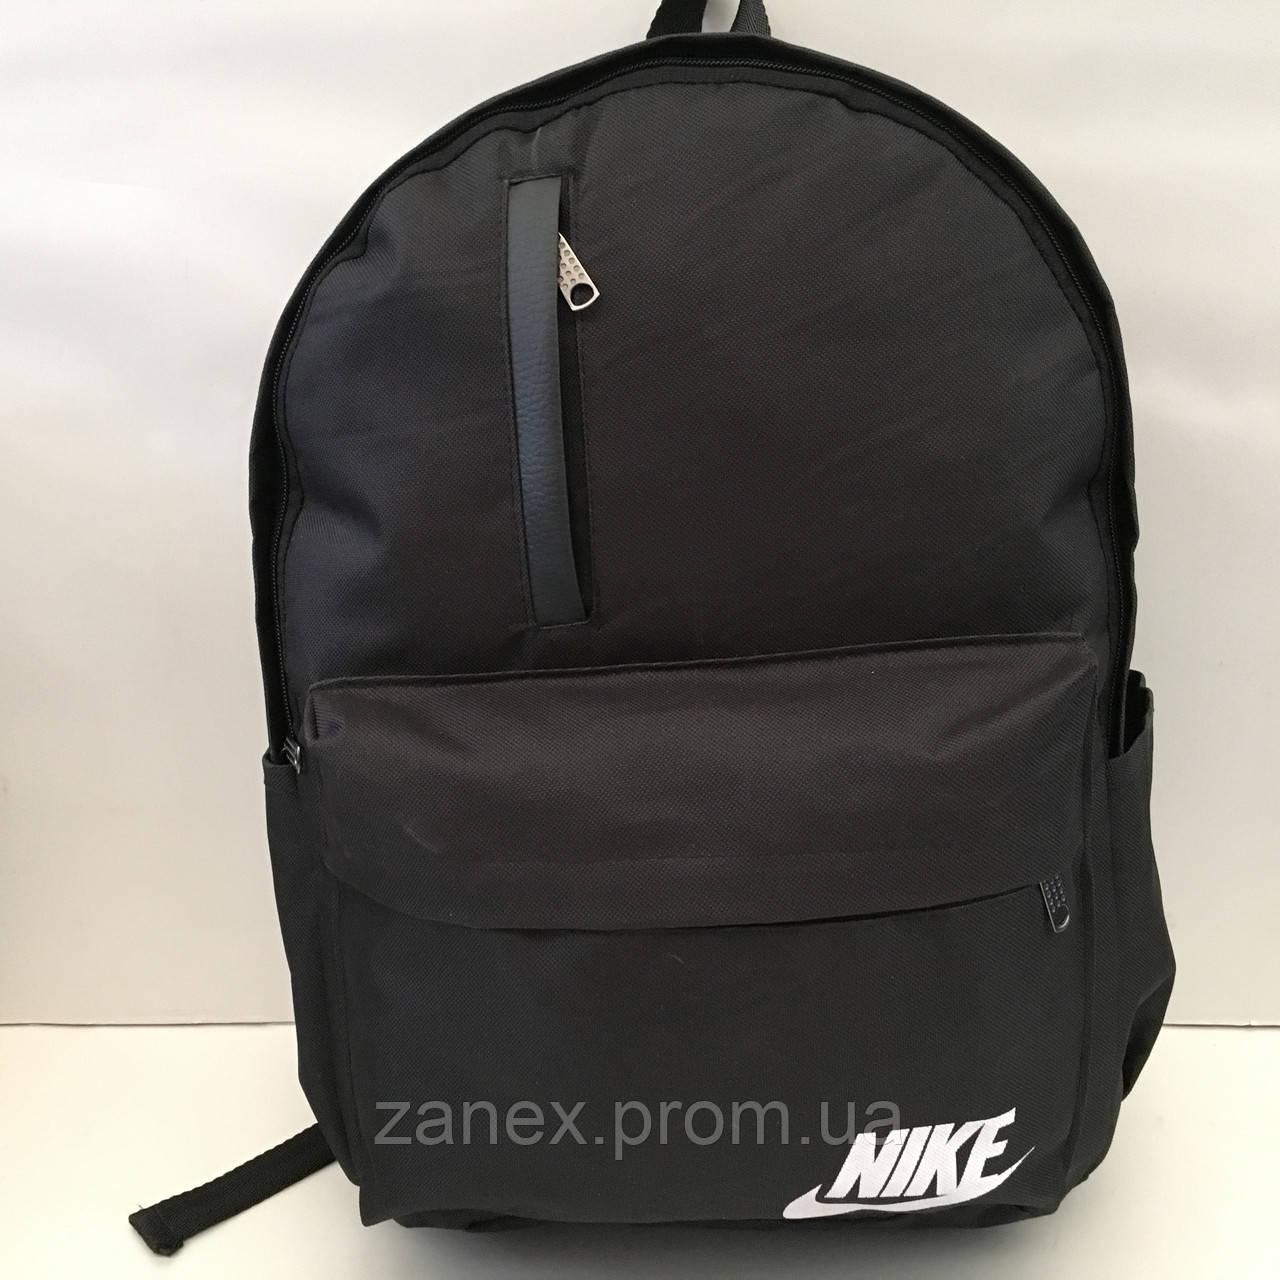 Рюкзак в стиле Nike Air чёрный